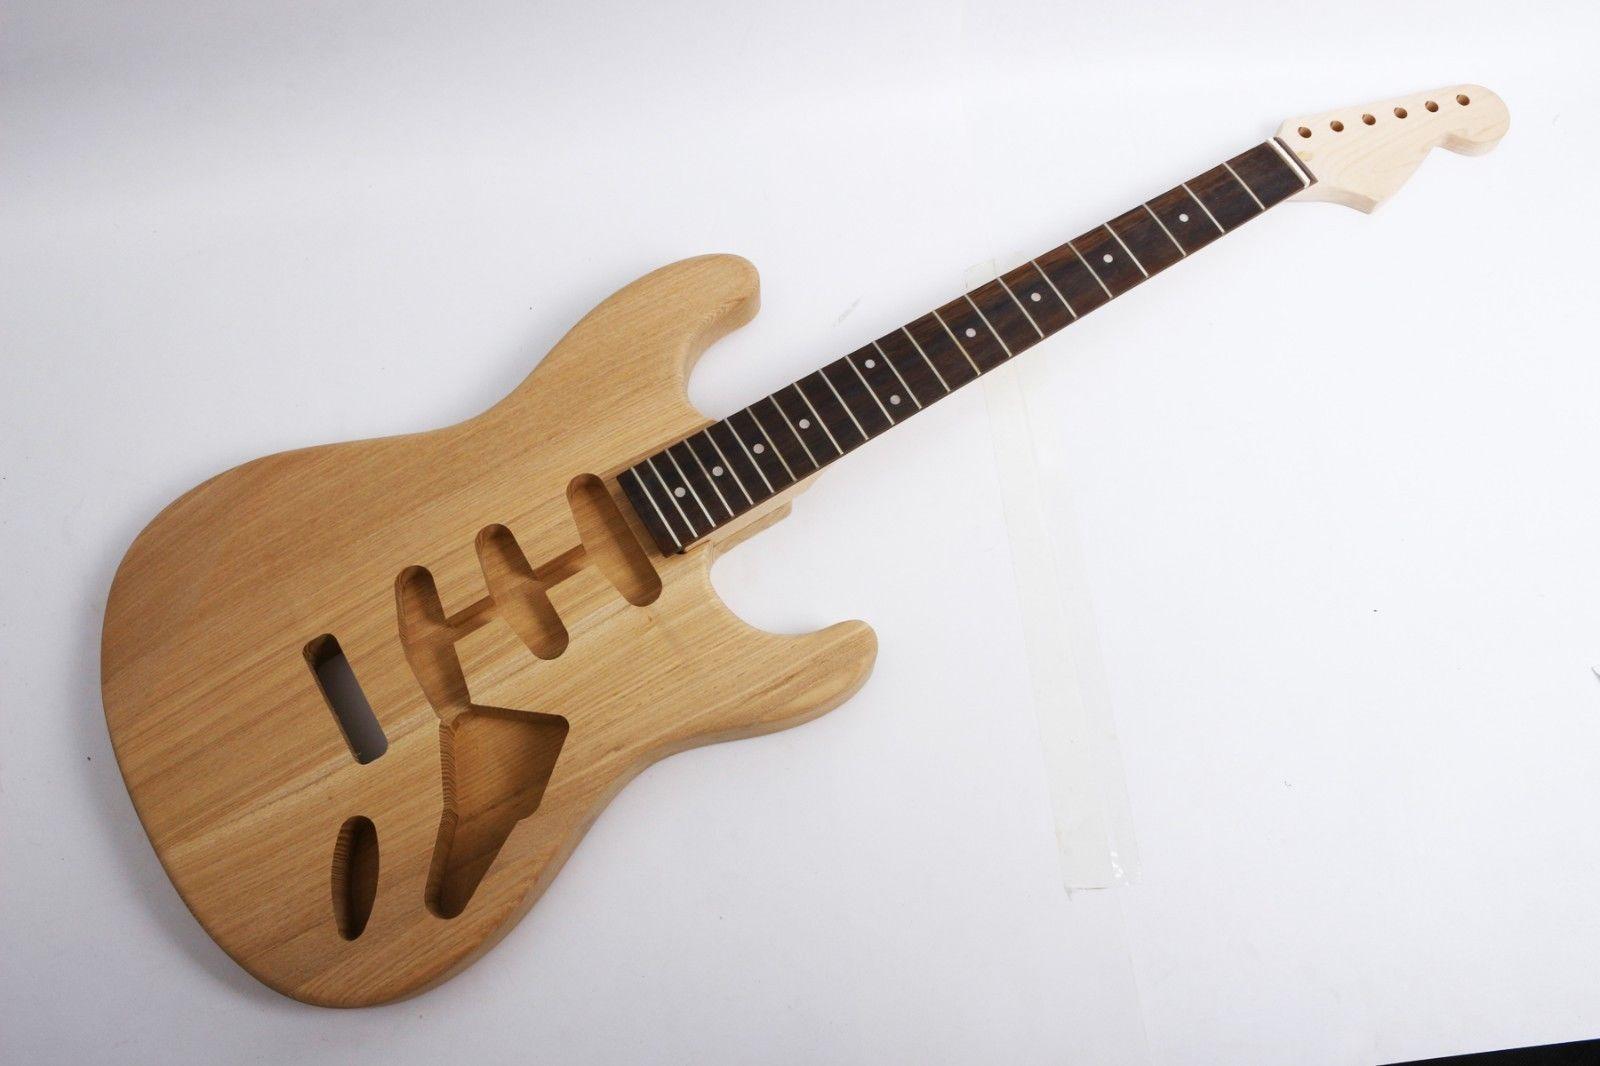 Un ensemble Électrique Guitare Kit Unfinished CENDRES D'érable Guitare Cou Corps de remplacement, guitare pièces